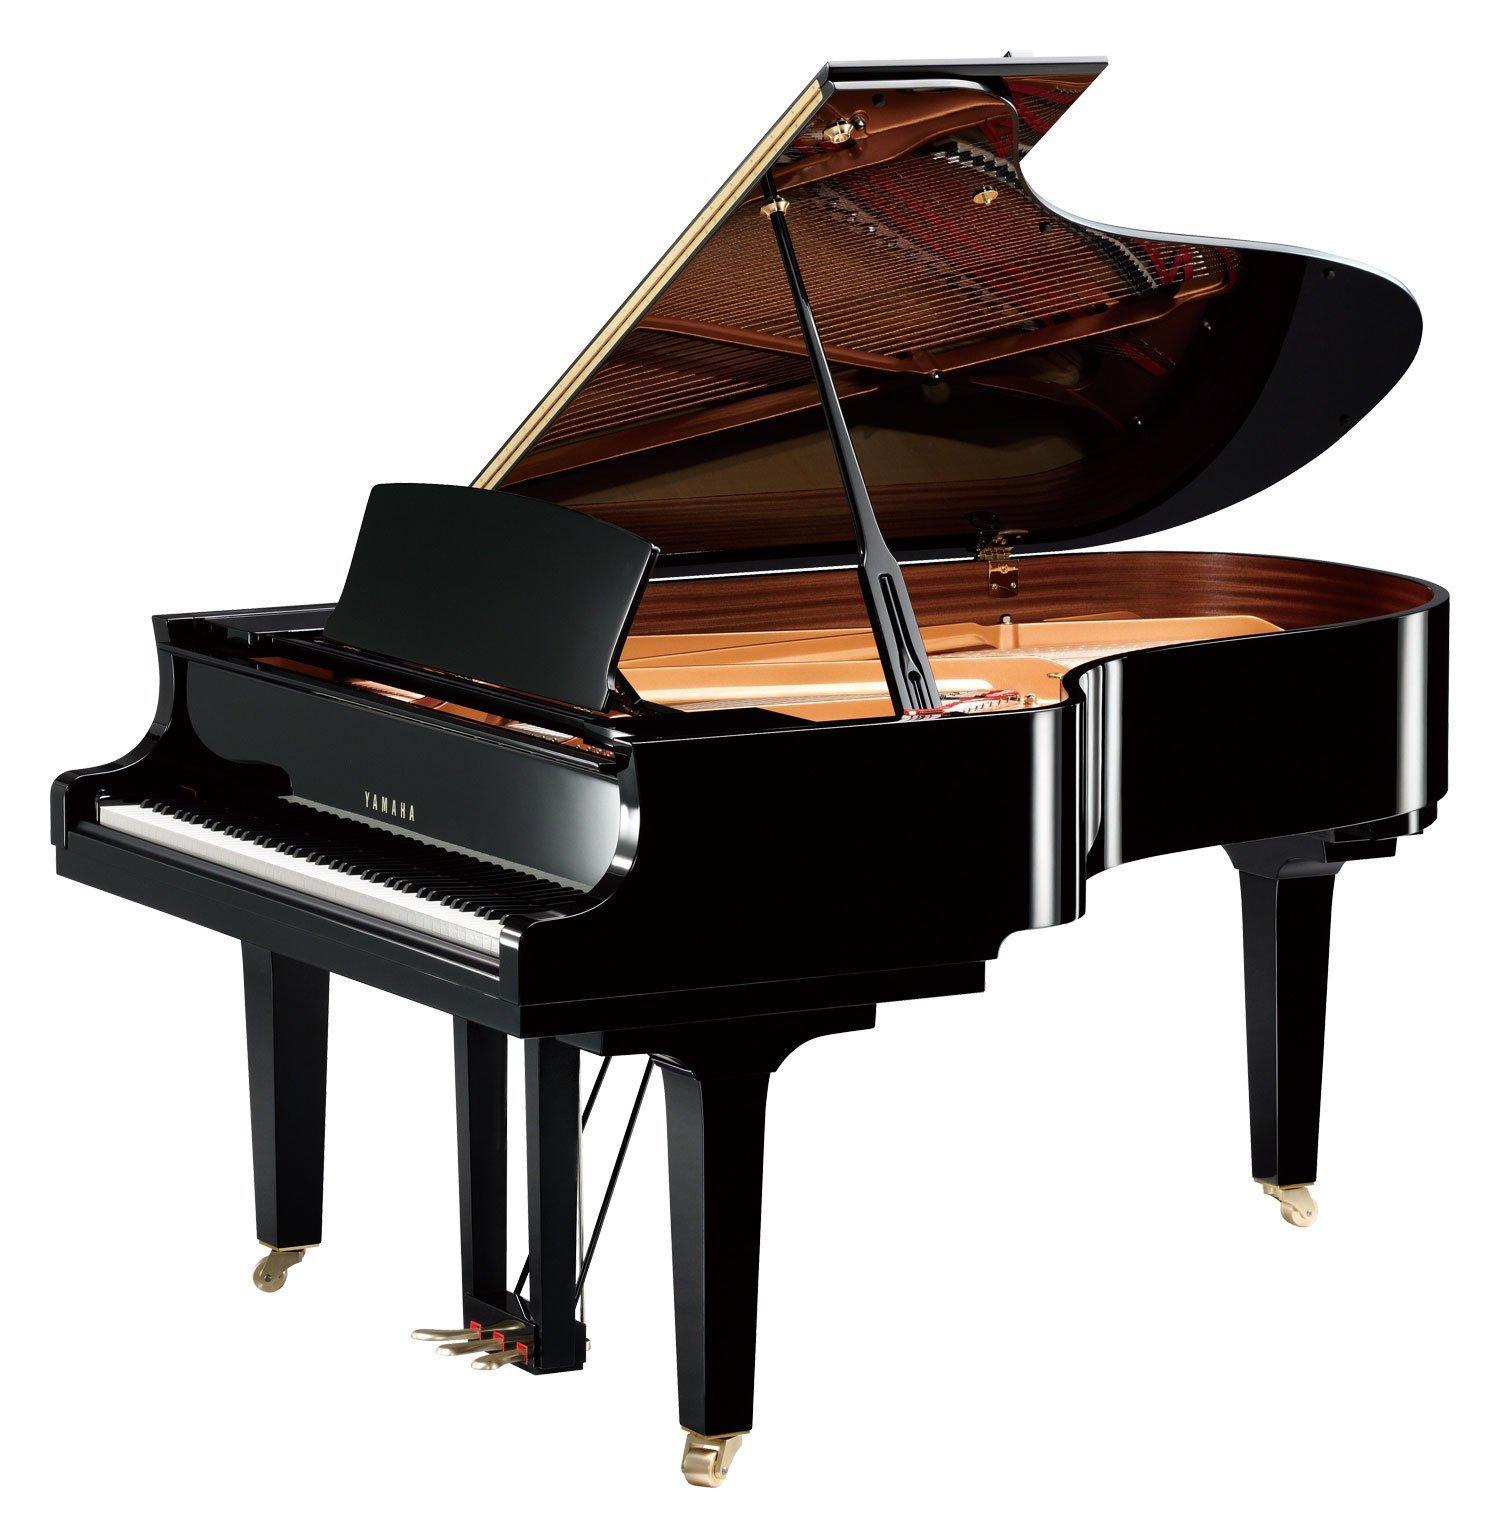 C5X yamaha Il suono di un pianoforte ha una facilità espressiva senza limiti e si modifica secondo la melodia e la sovrapposizione delle note creando splendide armonie. I pianoforti della serie CX son pianoforti a coda di alto livello, caratterizzati da potenza e raffinatezza.